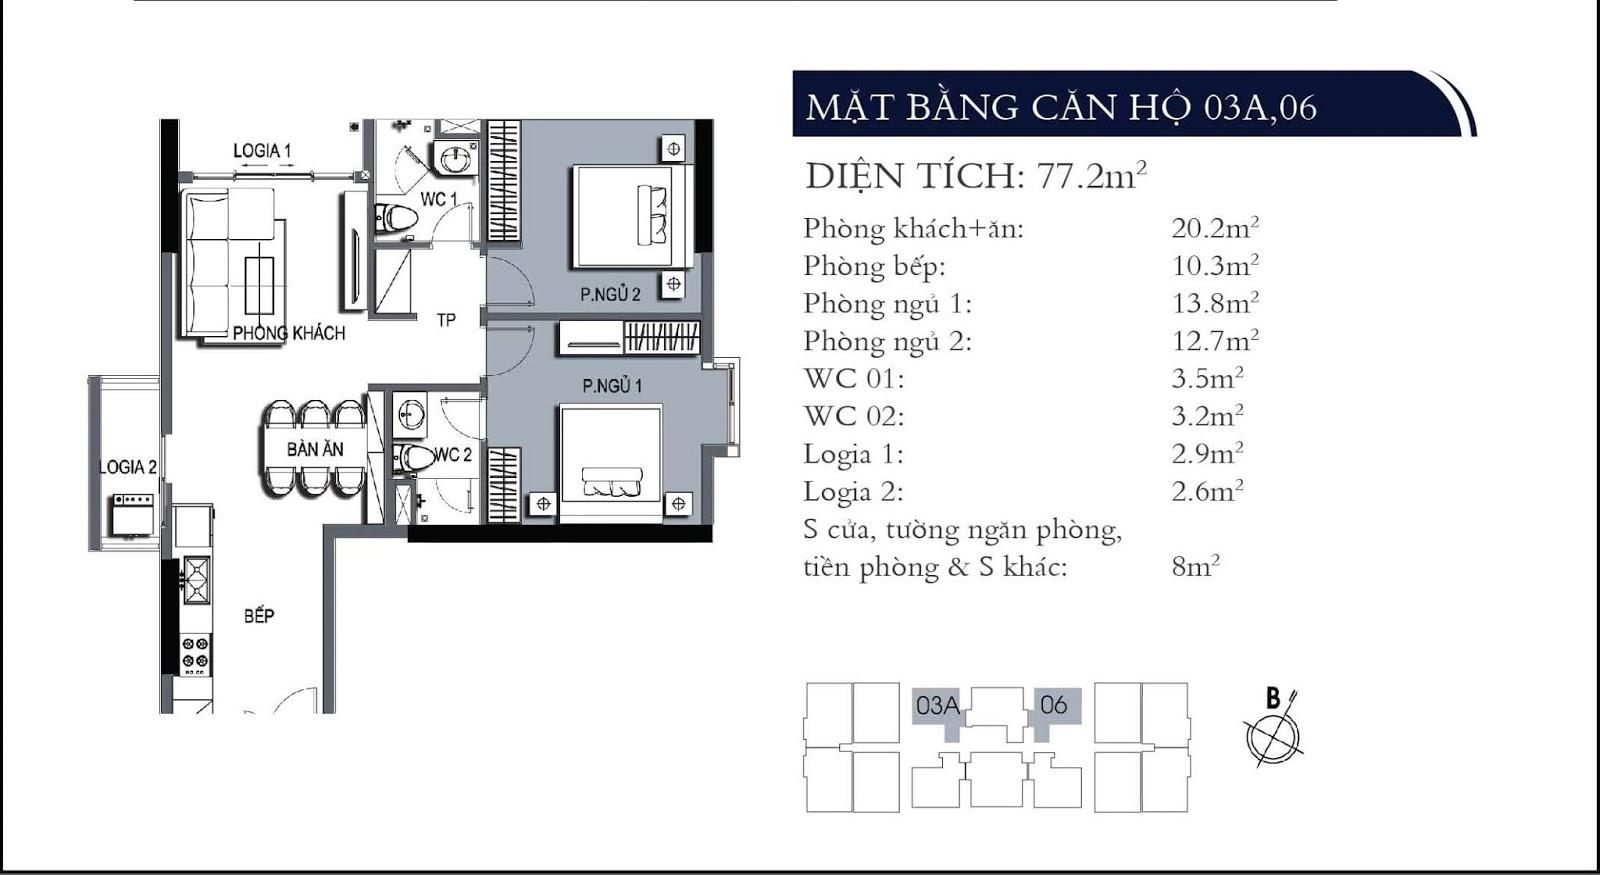 Mặt bằng căn hộ 03A và 06 dự án One 18 Ngọc Lâm